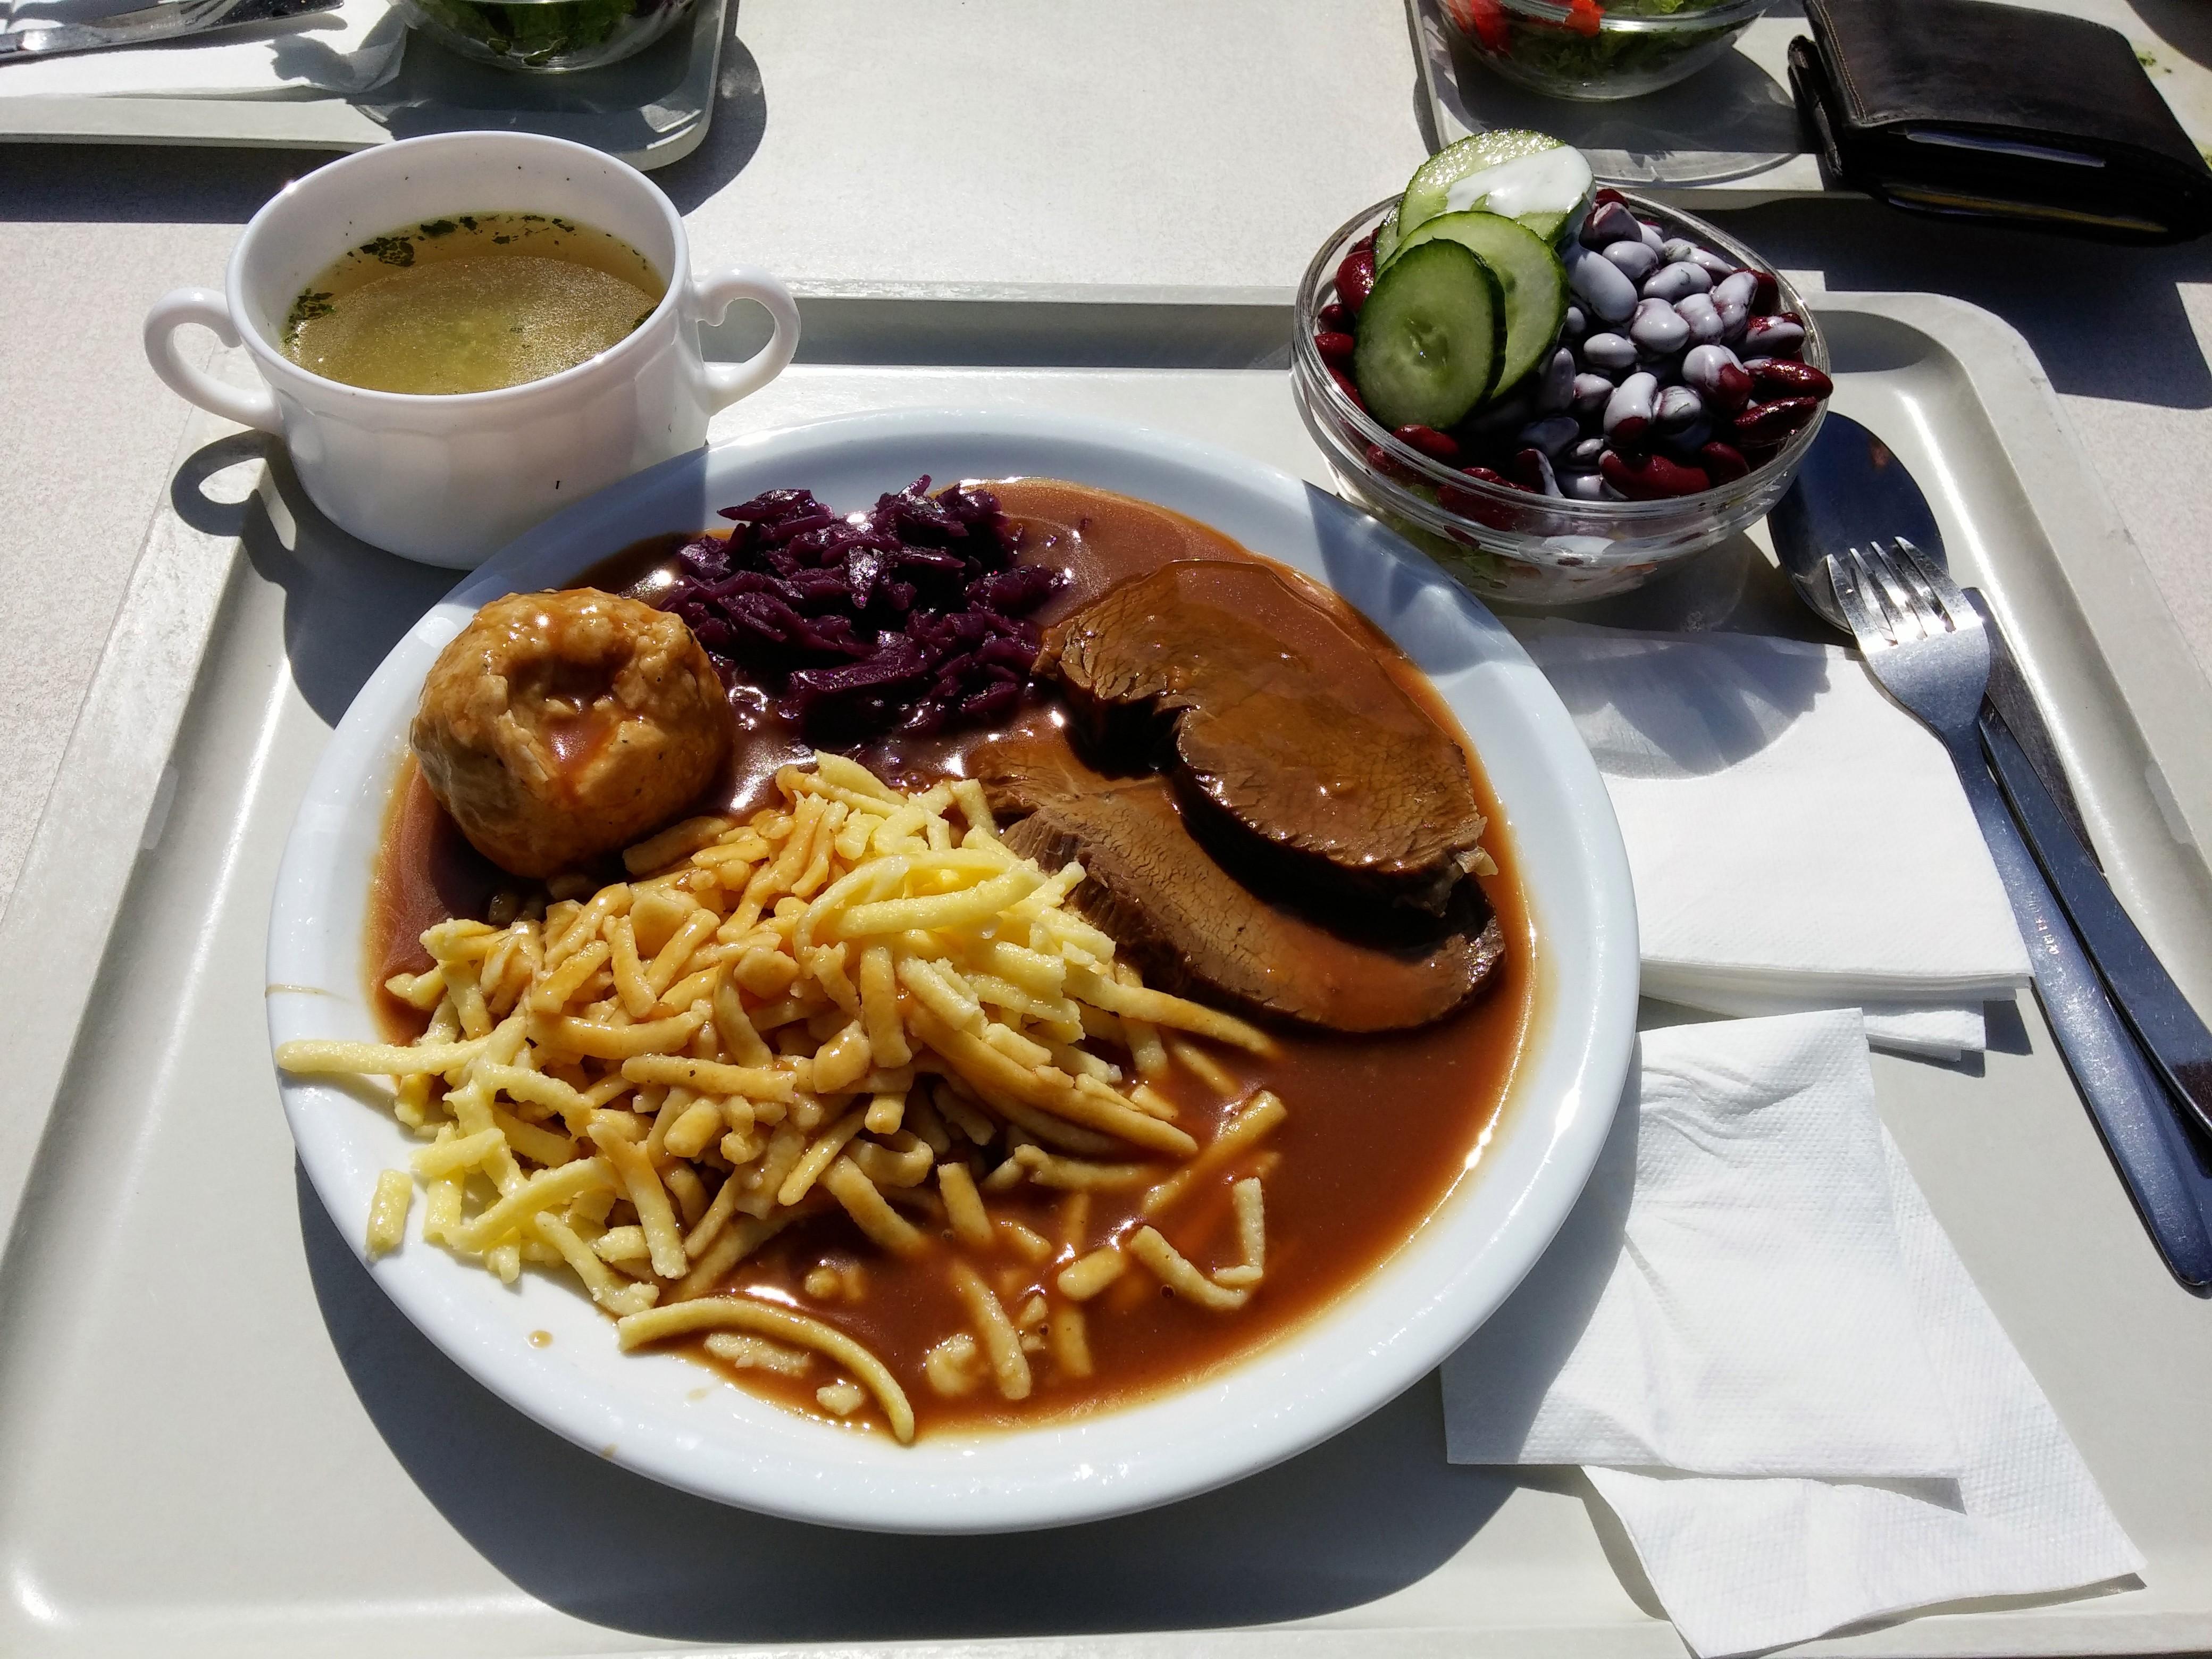 http://foodloader.net/nico_2014-08-20_sauerbraten-mit-spaetzle-knoedel-rotkraut-suppe-und-salat.jpg